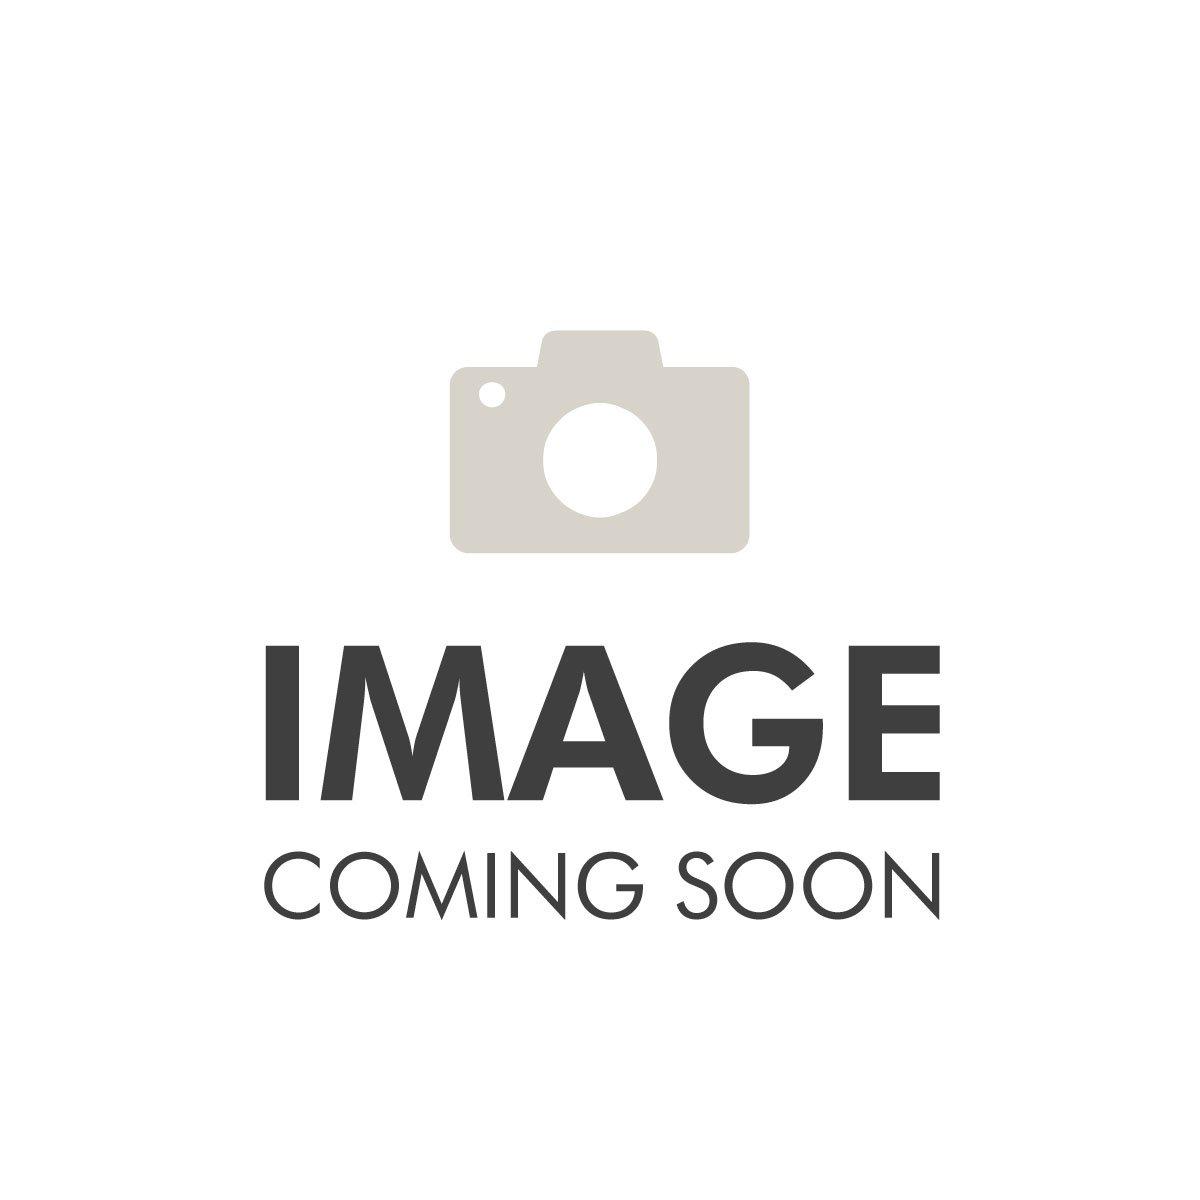 Absolute - Masque de fleuret 350N - Inox Lavable